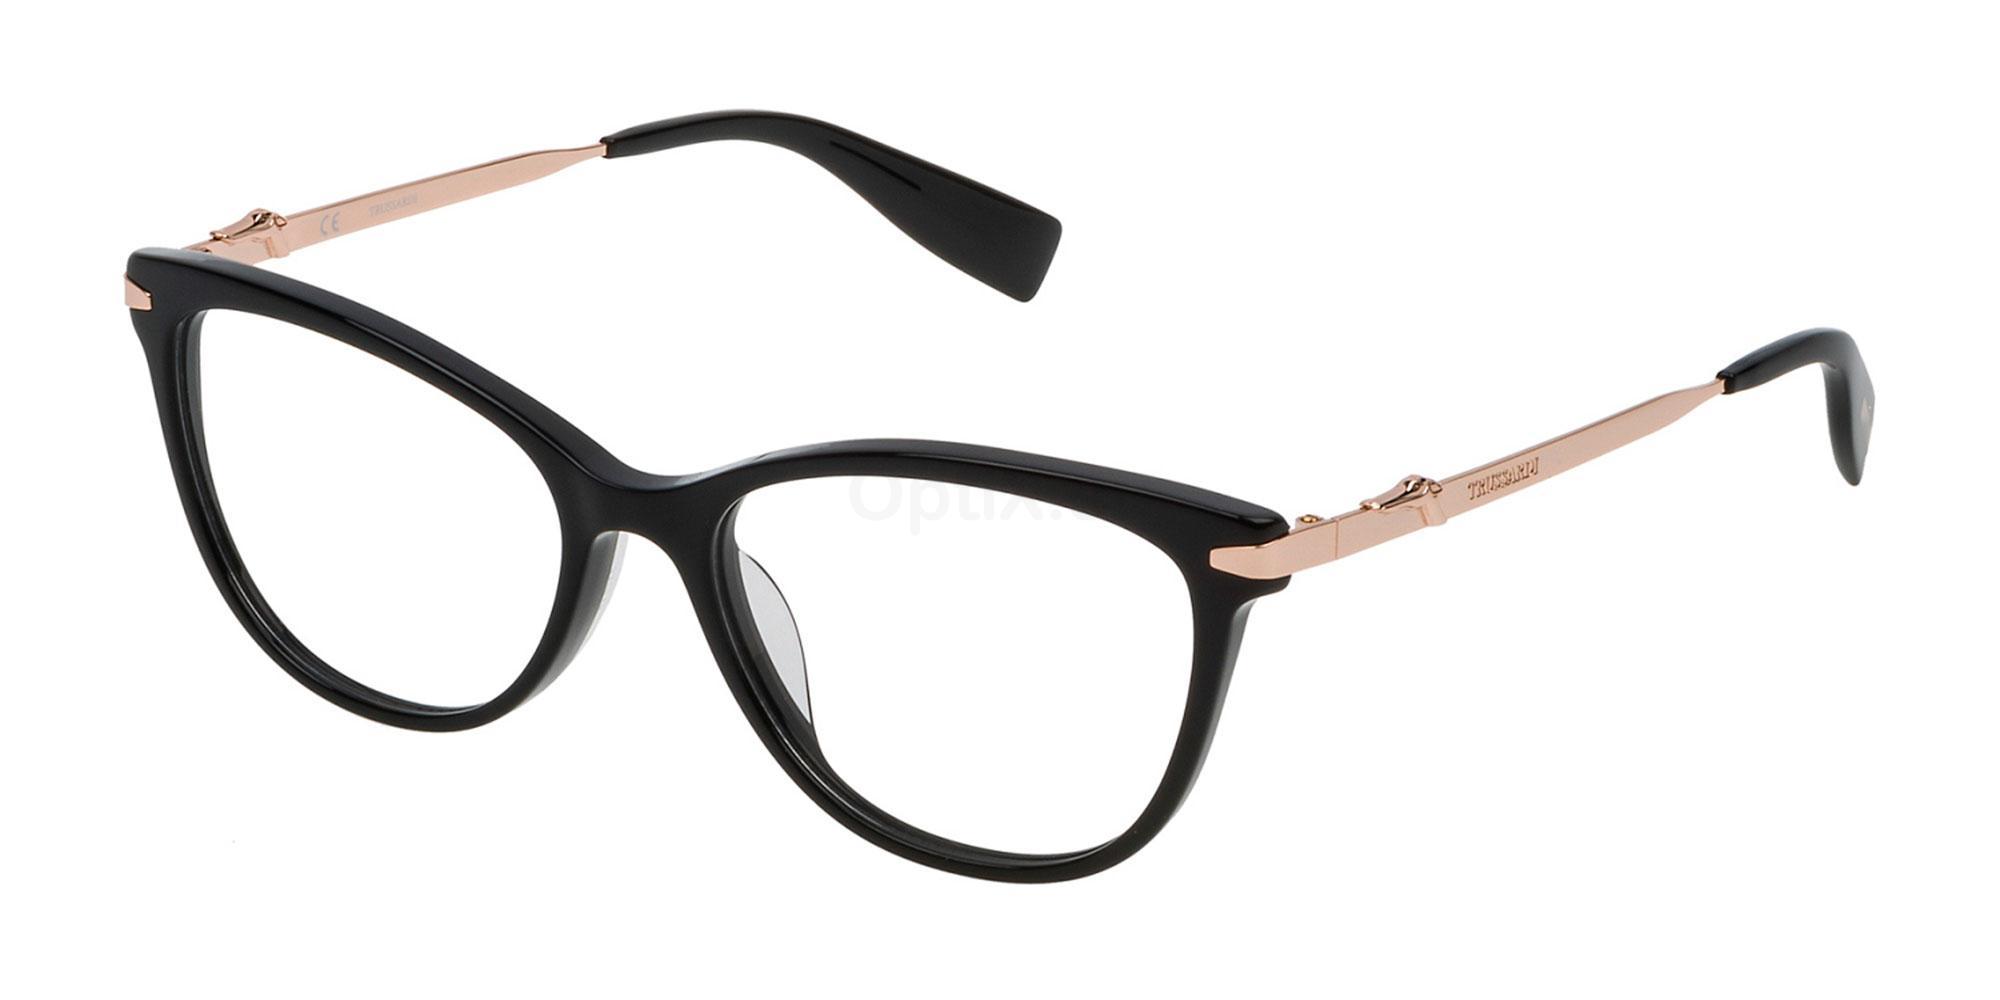 0700 VTR190 Glasses, Trussardi